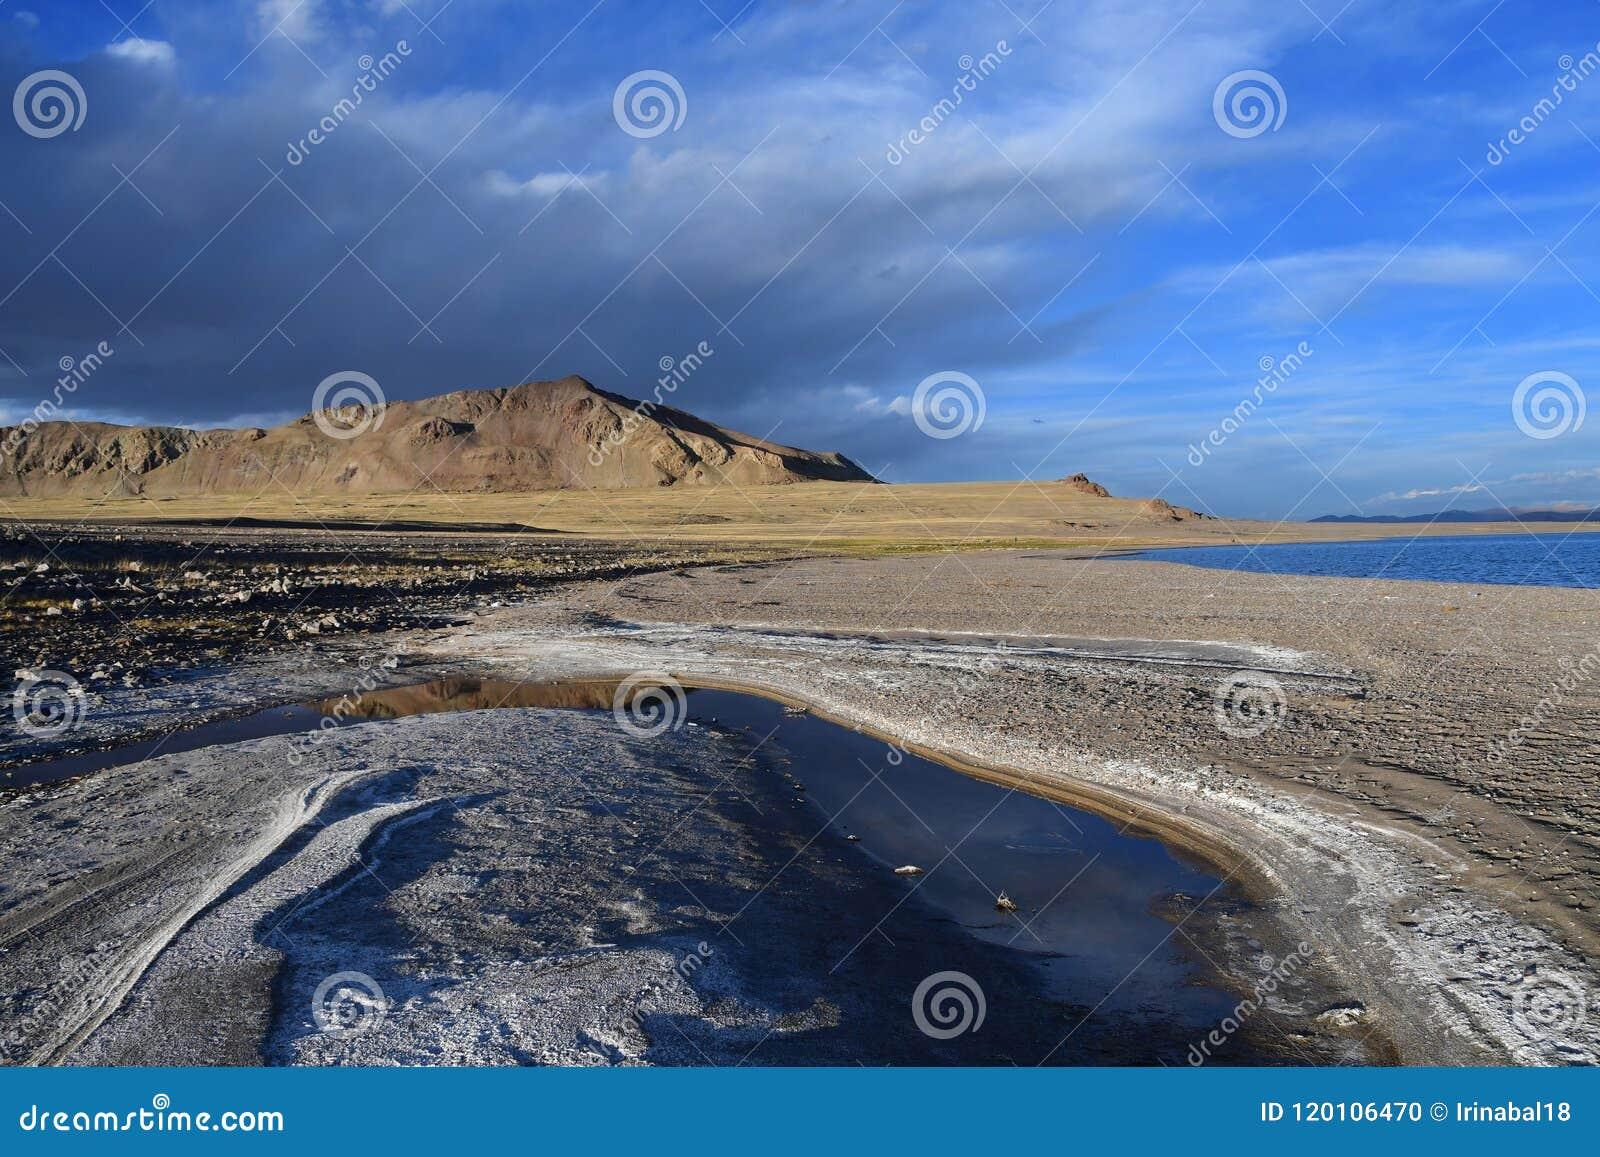 Kina Great Lakes av Tibet Sjö Teri Tashi Namtso i sommarafton under en molnig himmel